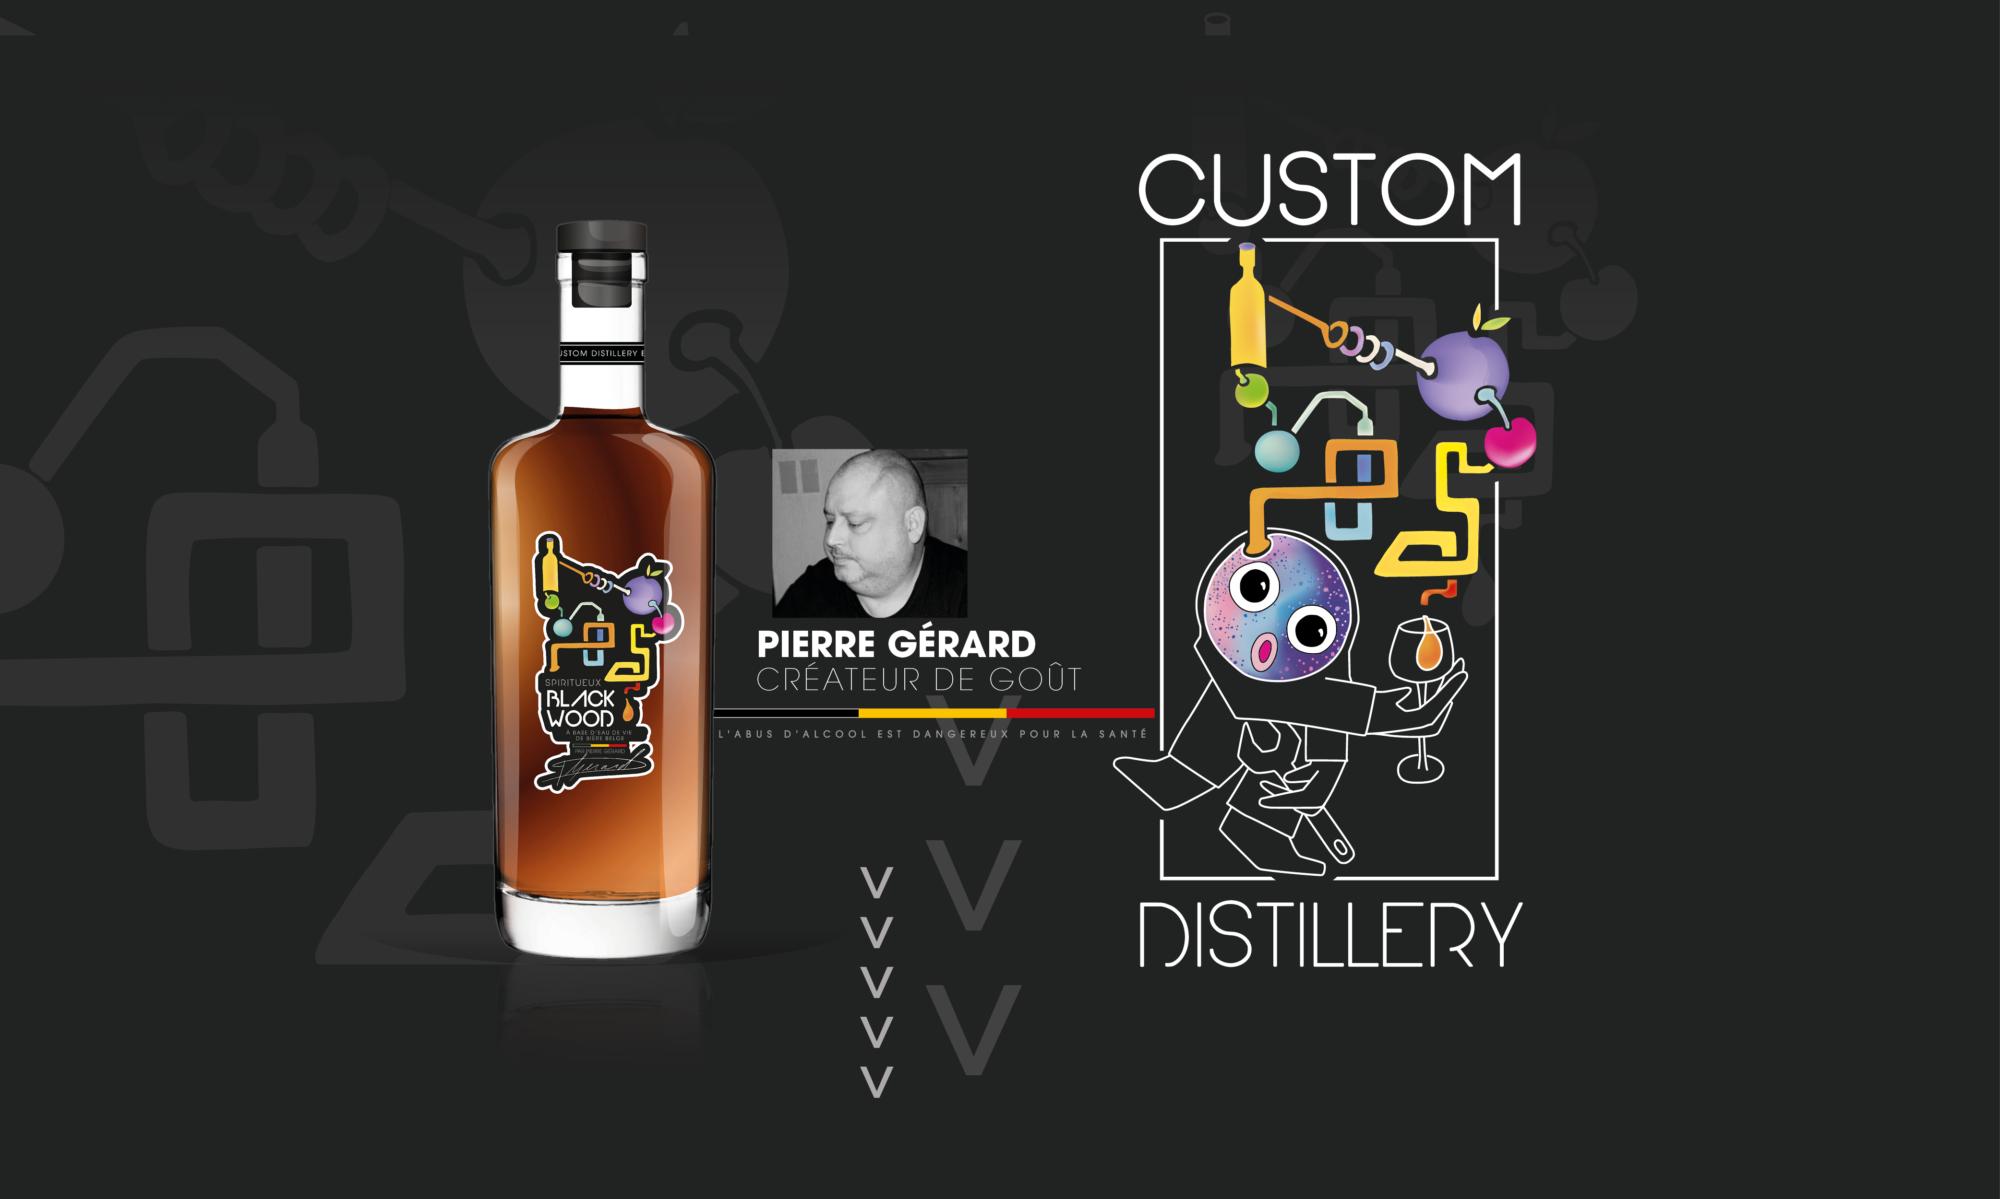 Custom Distillery